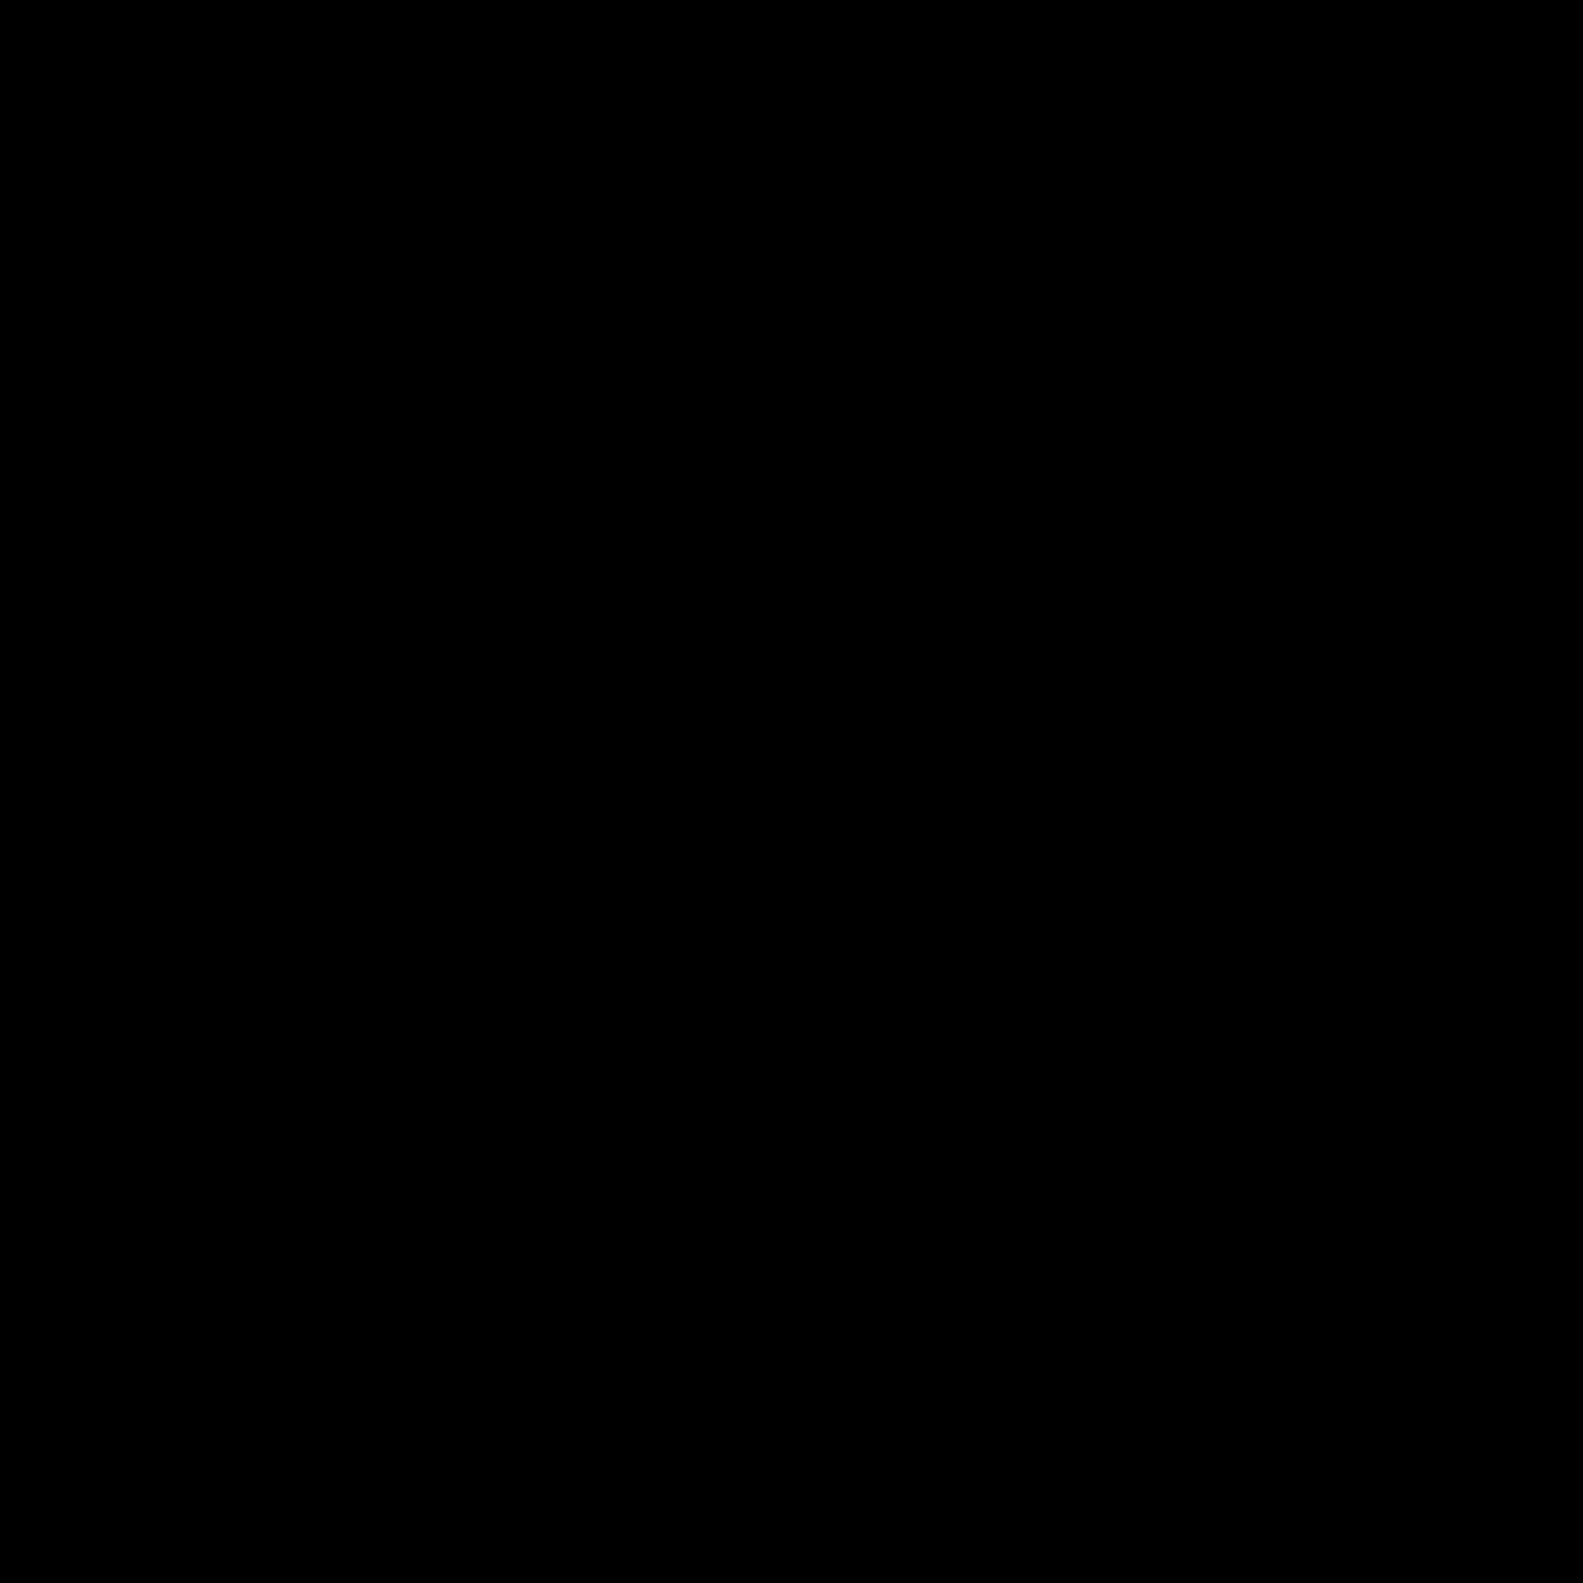 OnePOD Camera